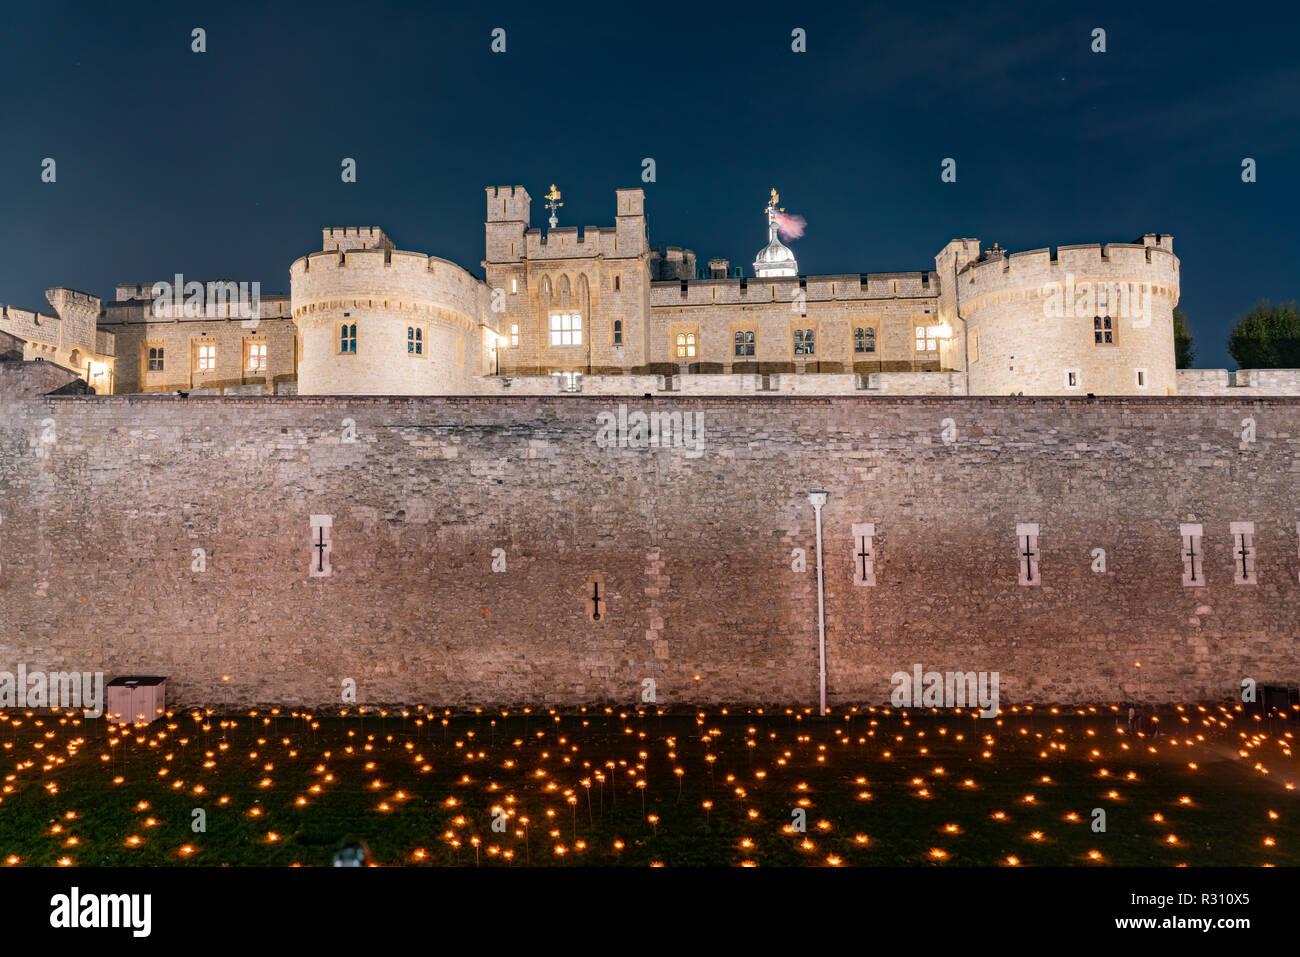 Evento especial más allá de la profundización de la sombra en la Torre de Londres, Reino Unido Foto de stock